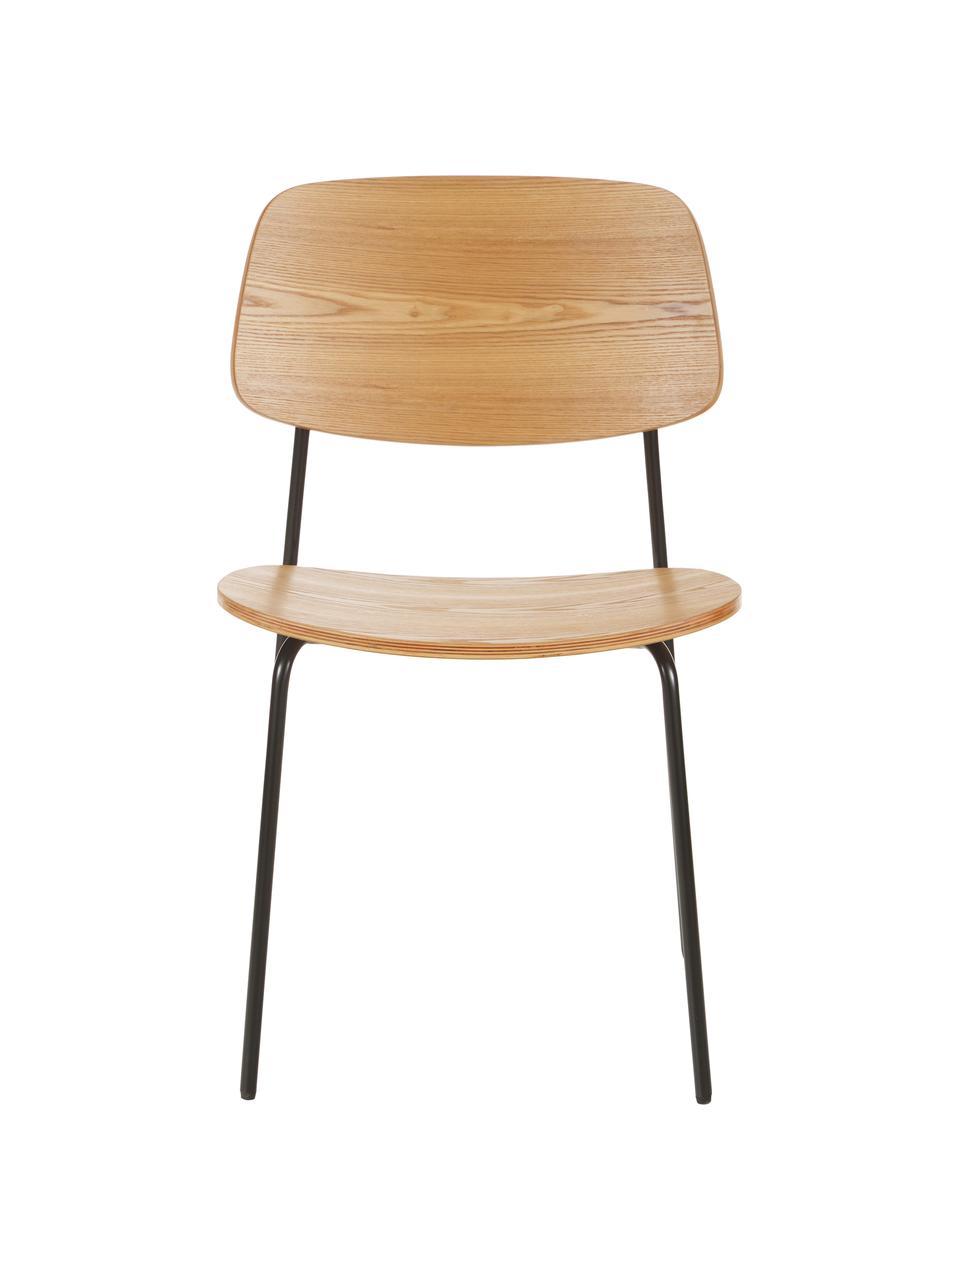 Sedia in legno Nadja 2 pz, Seduta: multistrato impiallacciat, Gambe: metallo verniciato a polv, Legno di frassino impiallacciato, Larg. 50 x Prof. 53 cm